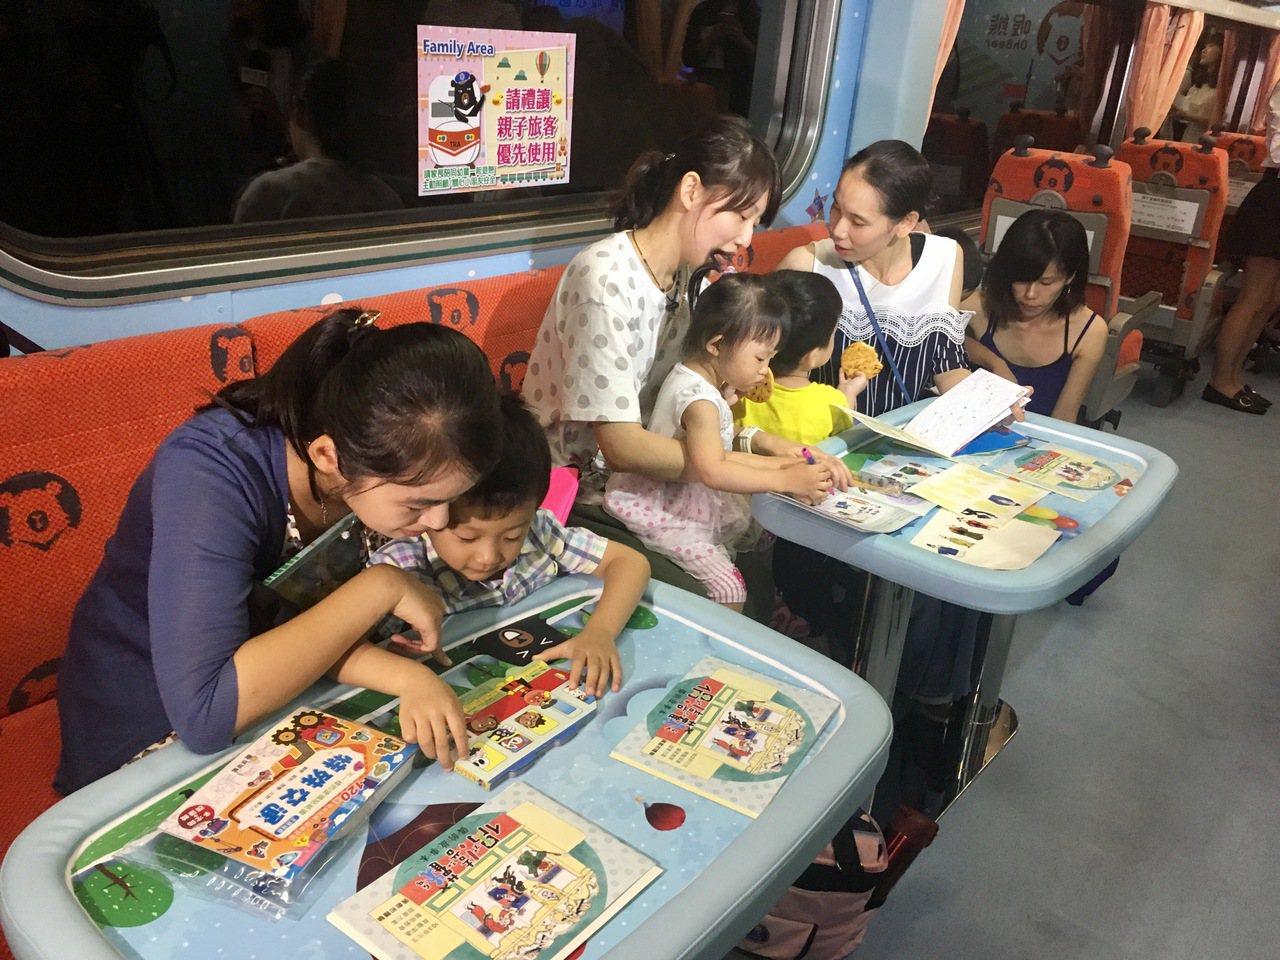 台鐵親子車廂在一般12個座位以外,並設置親子互動區,有長椅及矮桌。記者雷光涵/攝...